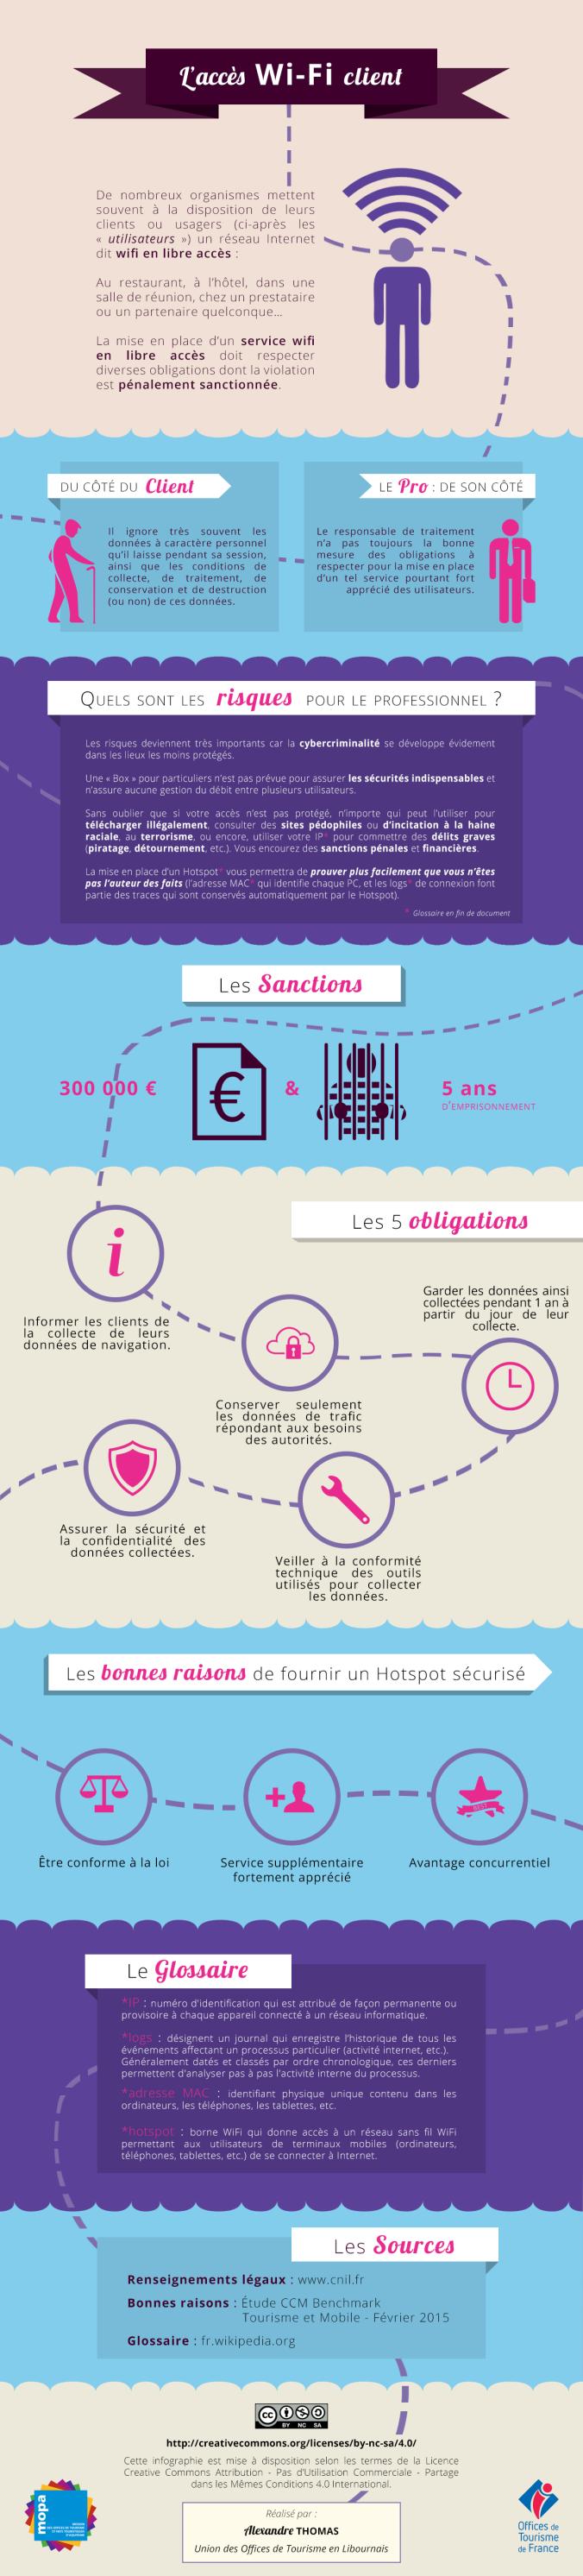 infographie_-_l_acces_wi-fi_client_-_nouvelle_version